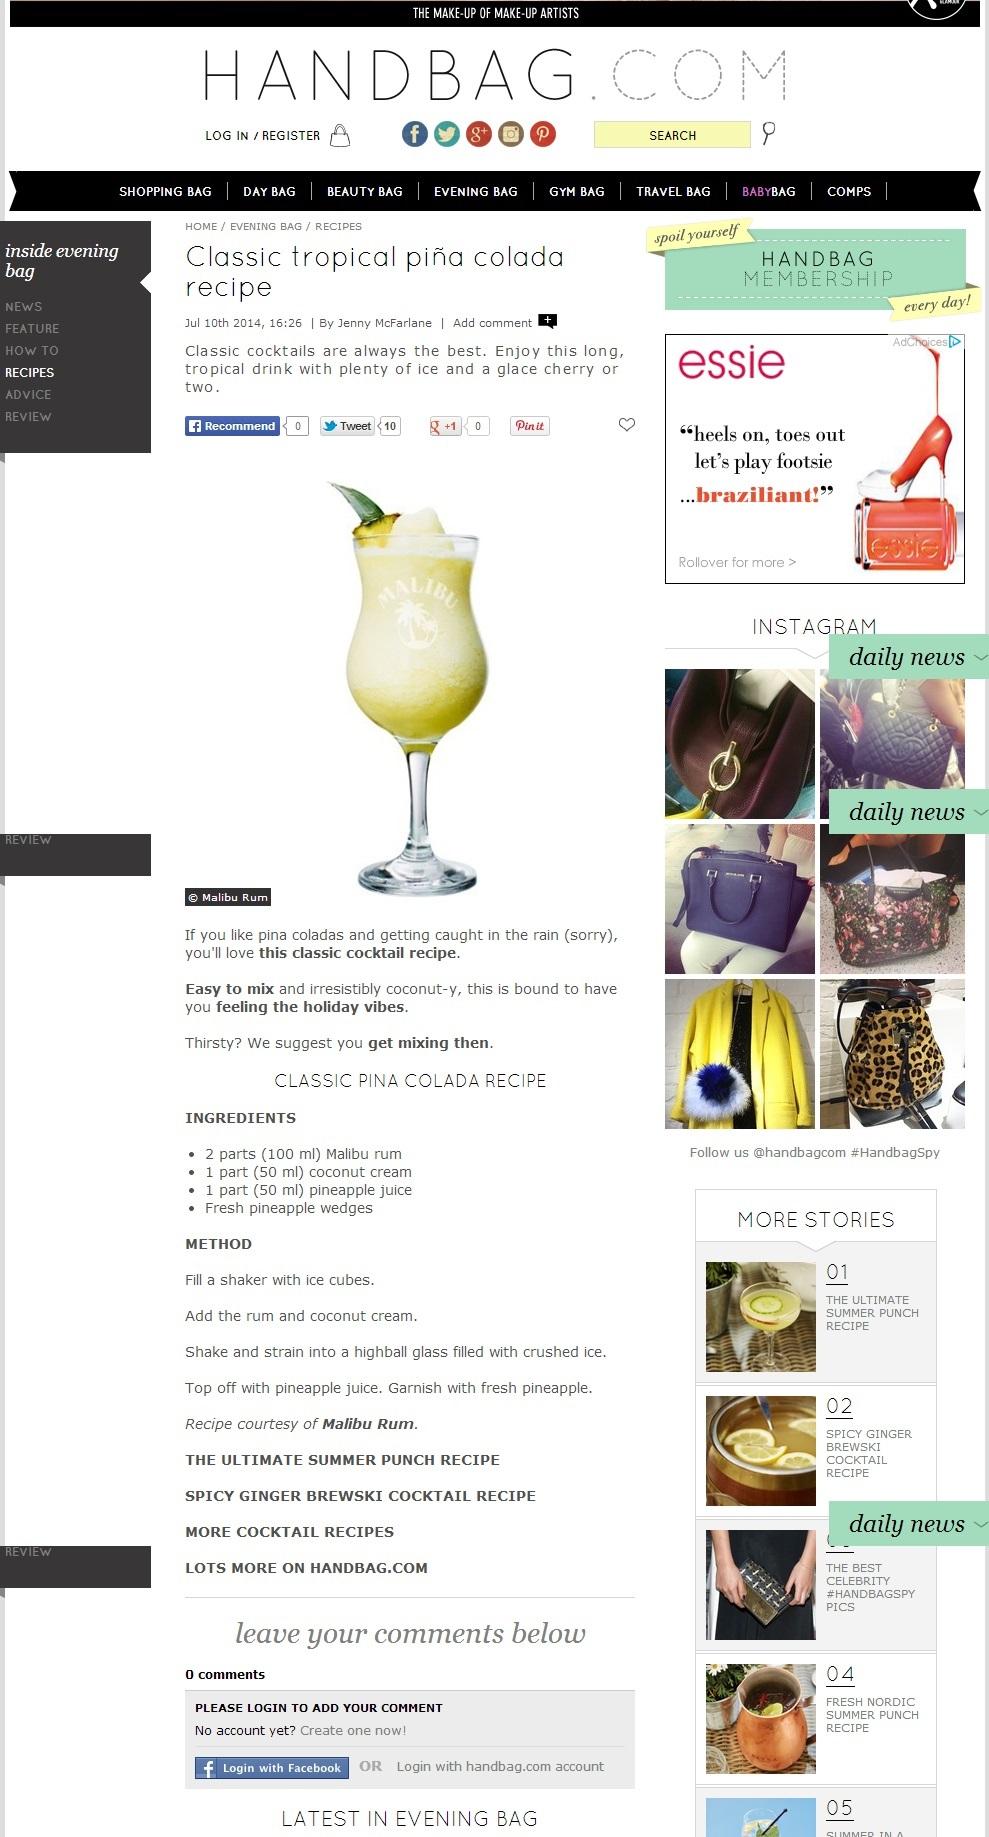 screencapture-www-handbag-com-evening-bag-recipes-a583408-classic-tropical-pina-colada-recipe-html